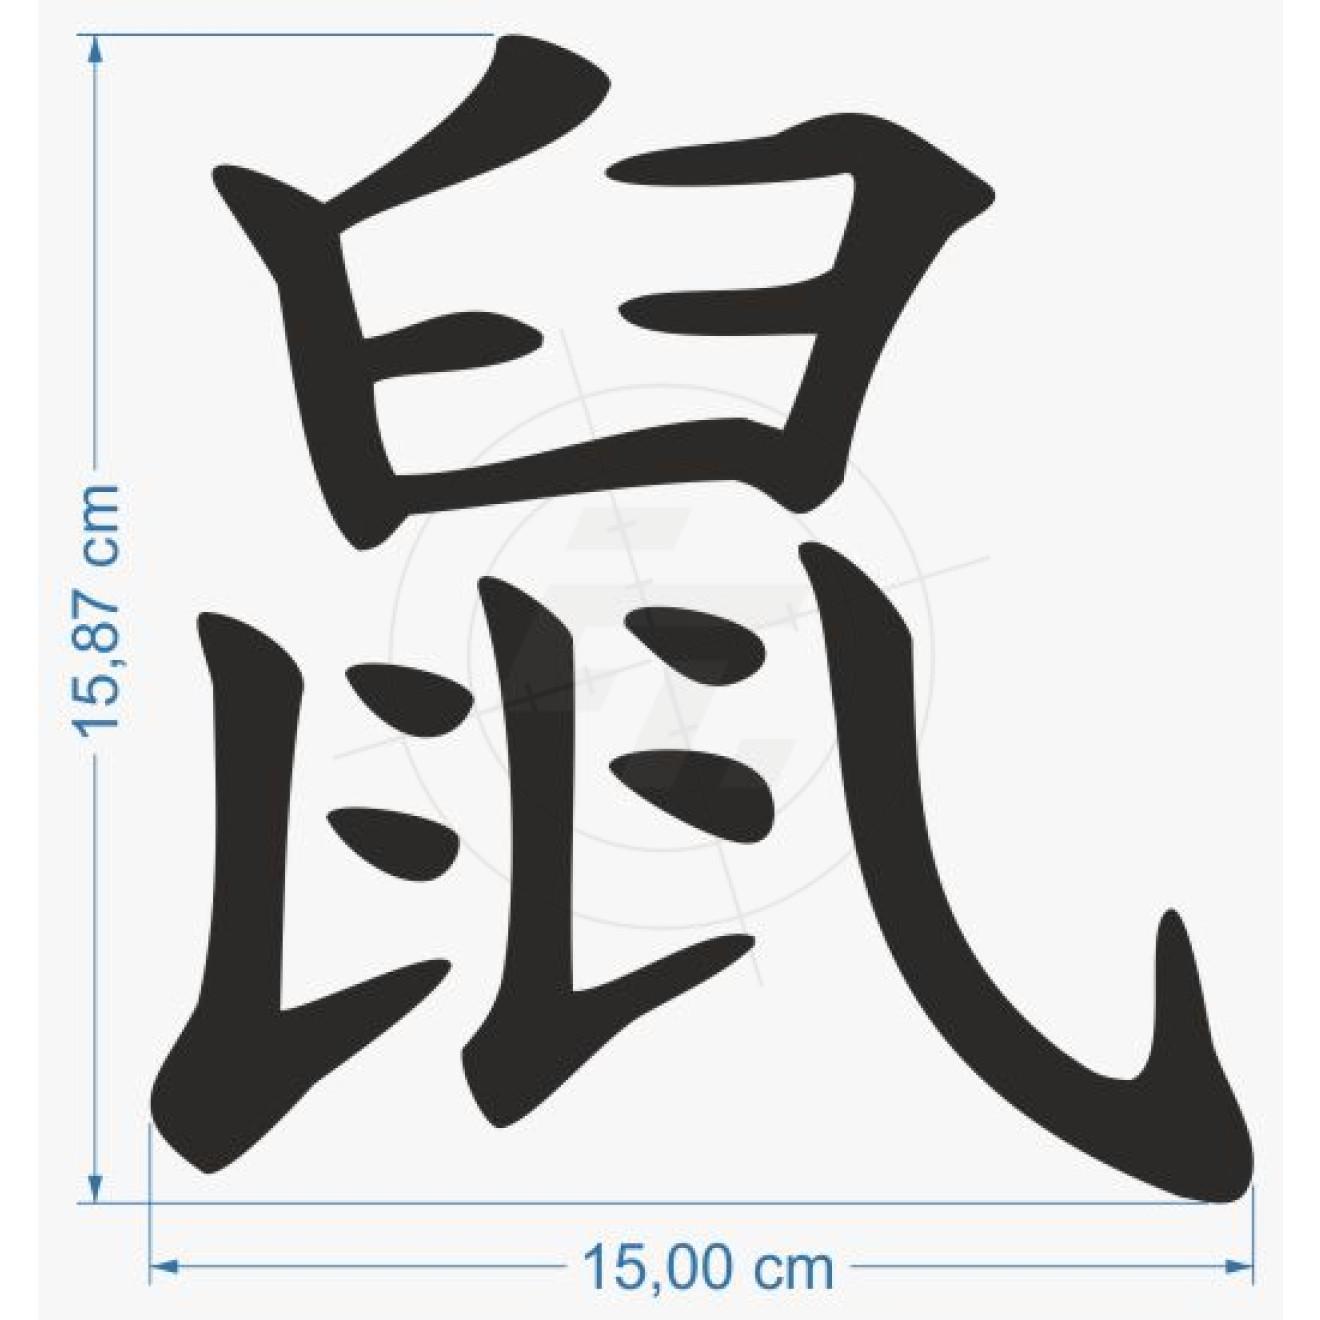 ratte maus chinesisches horoskop tierkreiszeichen. Black Bedroom Furniture Sets. Home Design Ideas